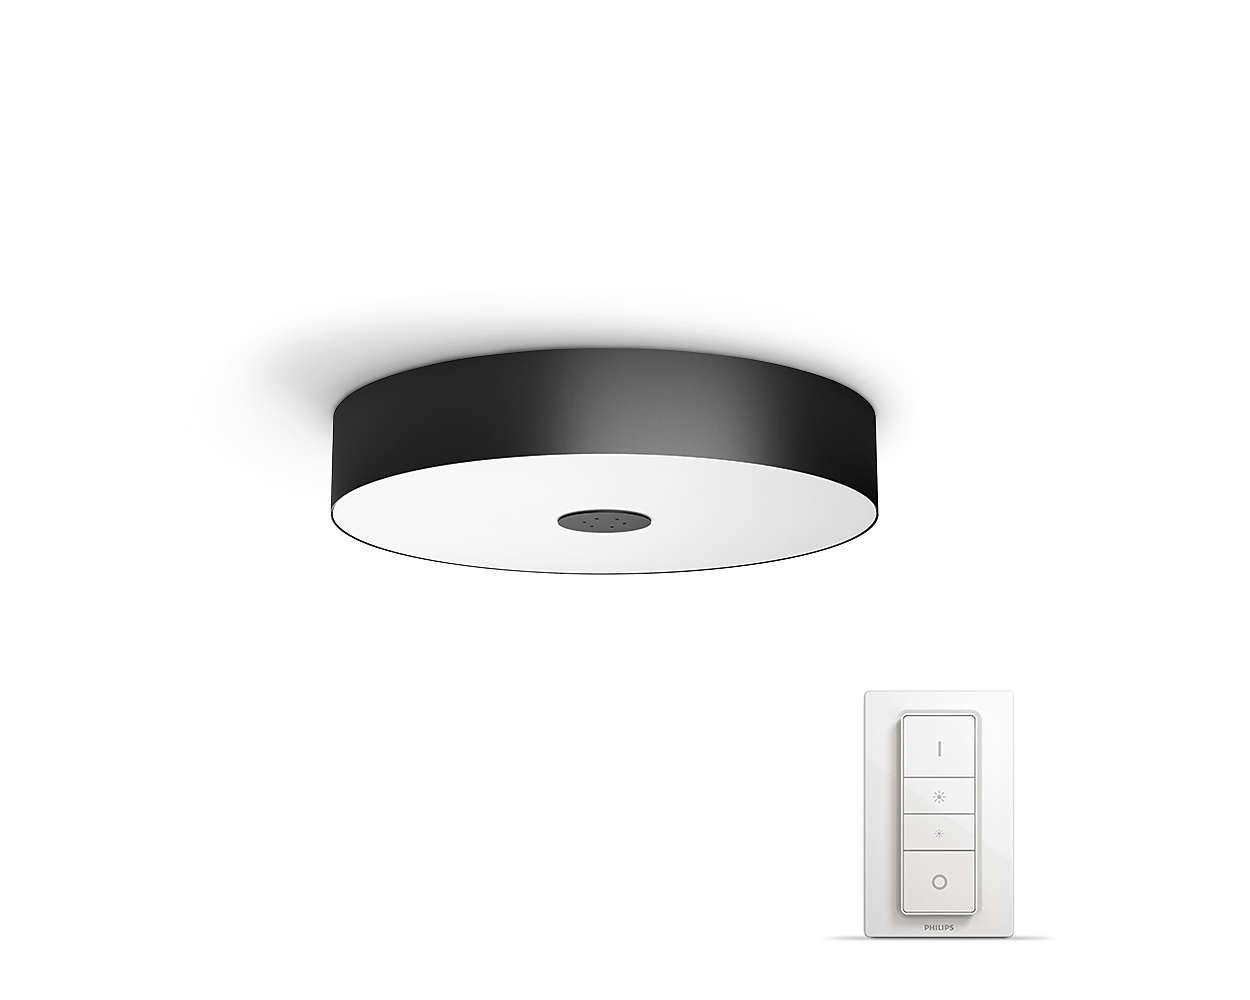 PHILIPS Fair Stropní svítidlo, Hue White ambiance, 230V, 1x39W integ.LED, Černá